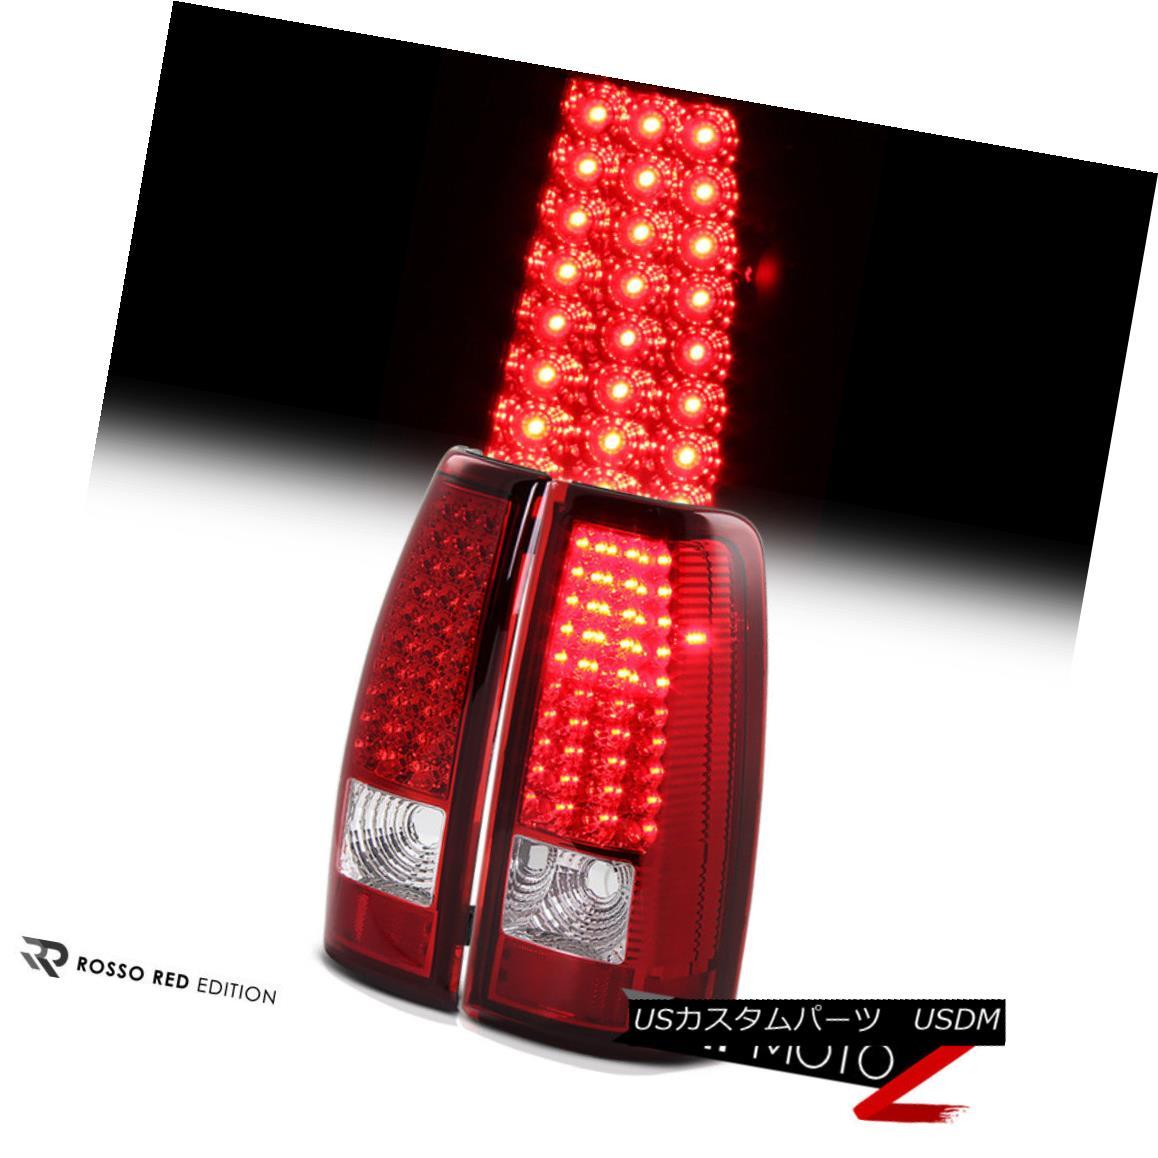 テールライト L+F Style Factory Style RED&CLEAR LED V8 Silverado Tail Light Brake Lamp 2003-06 Chevy Silverado V8 L + F工場スタイルRED&CLEAR LEDテールライトブレーキランプ2003-06 Chevy Silverado V8, 五本指靴下 はきごこち本舗:50d3eaec --- officewill.xsrv.jp